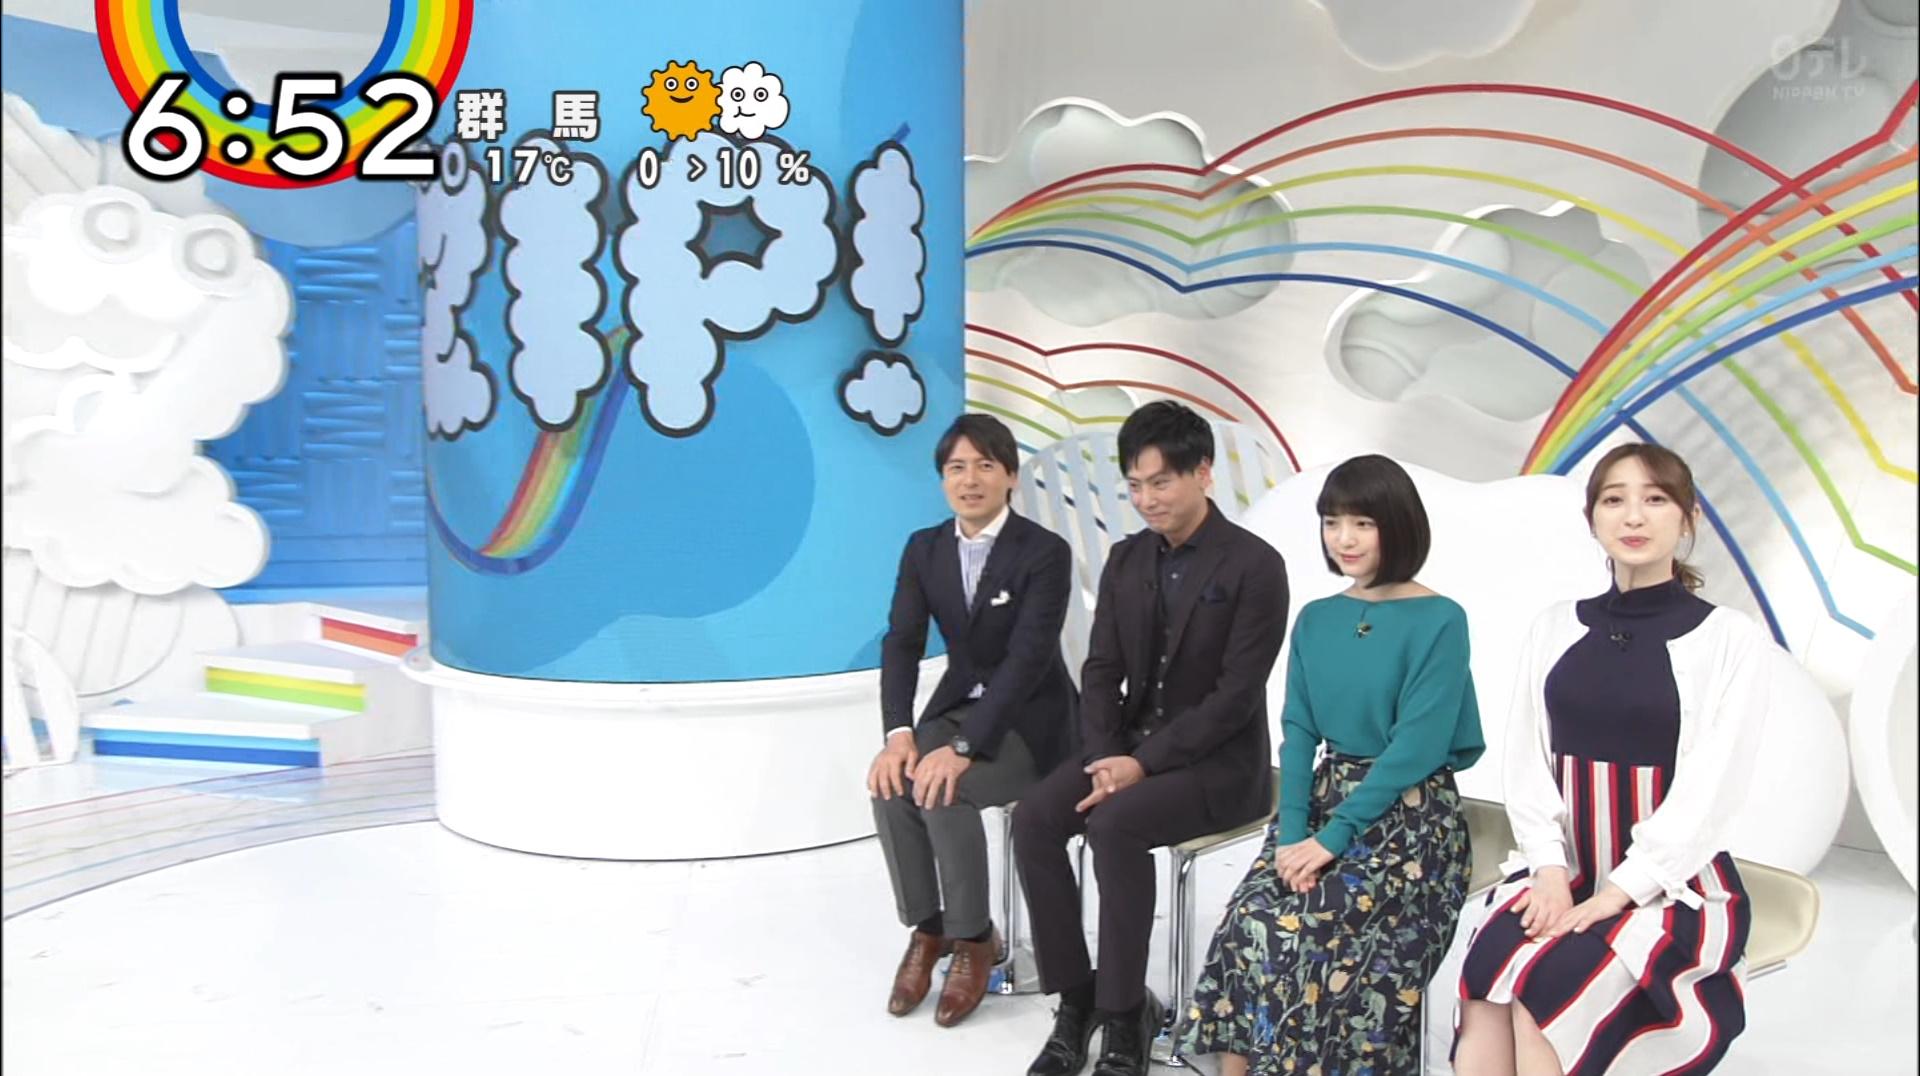 2019年3月19日「ZIP!」團遥香さんのテレビキャプチャー画像-010